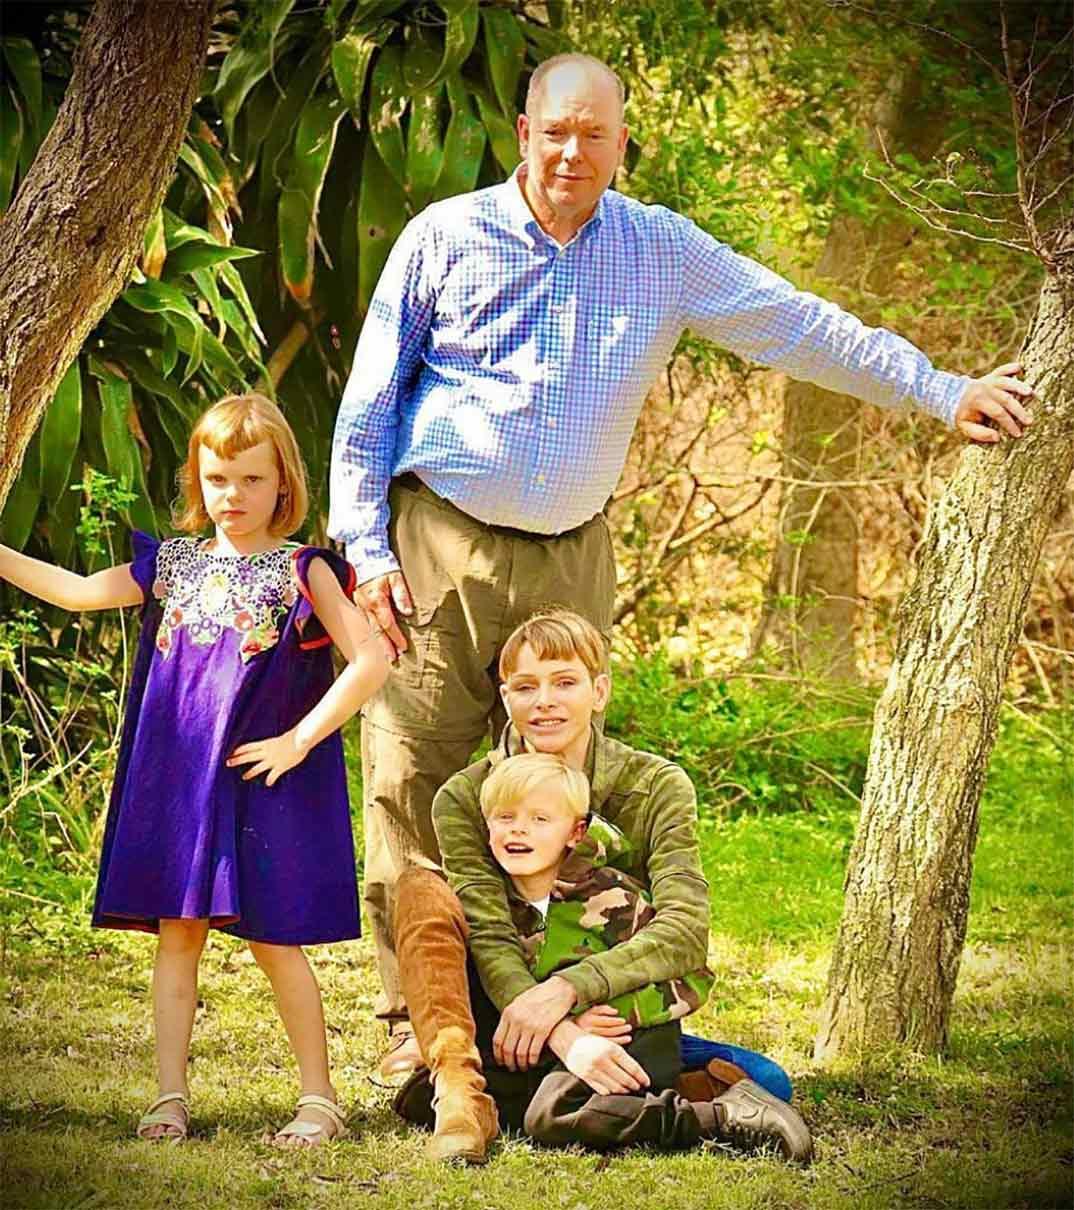 Charlene de Mónaco con el príncipe Alberto y sus hijos Jacques y Gabriella © hshprincesscharlene/Instagram